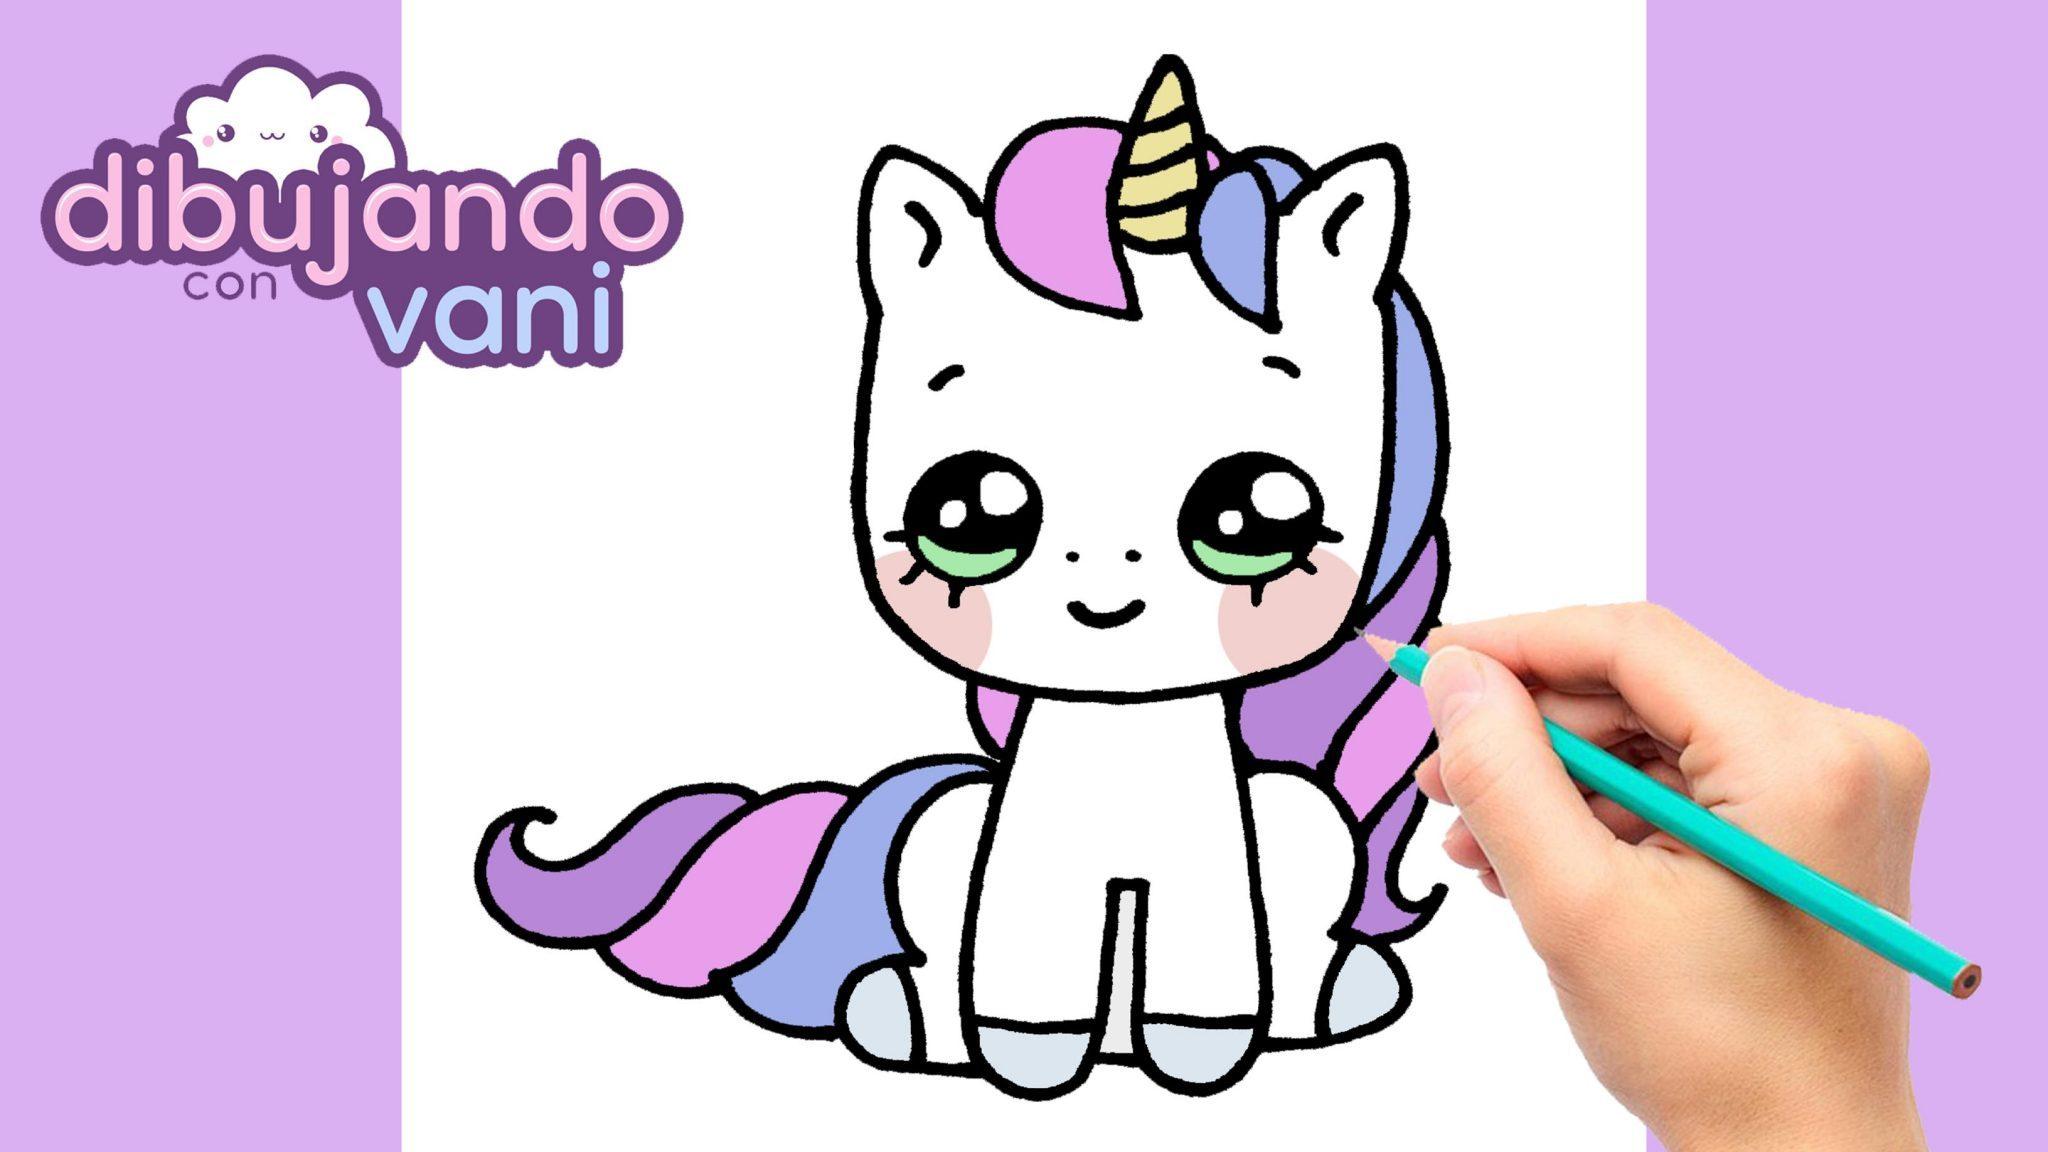 Como Dibujar Un Unicornio Kawaii Dibujando Con Vani